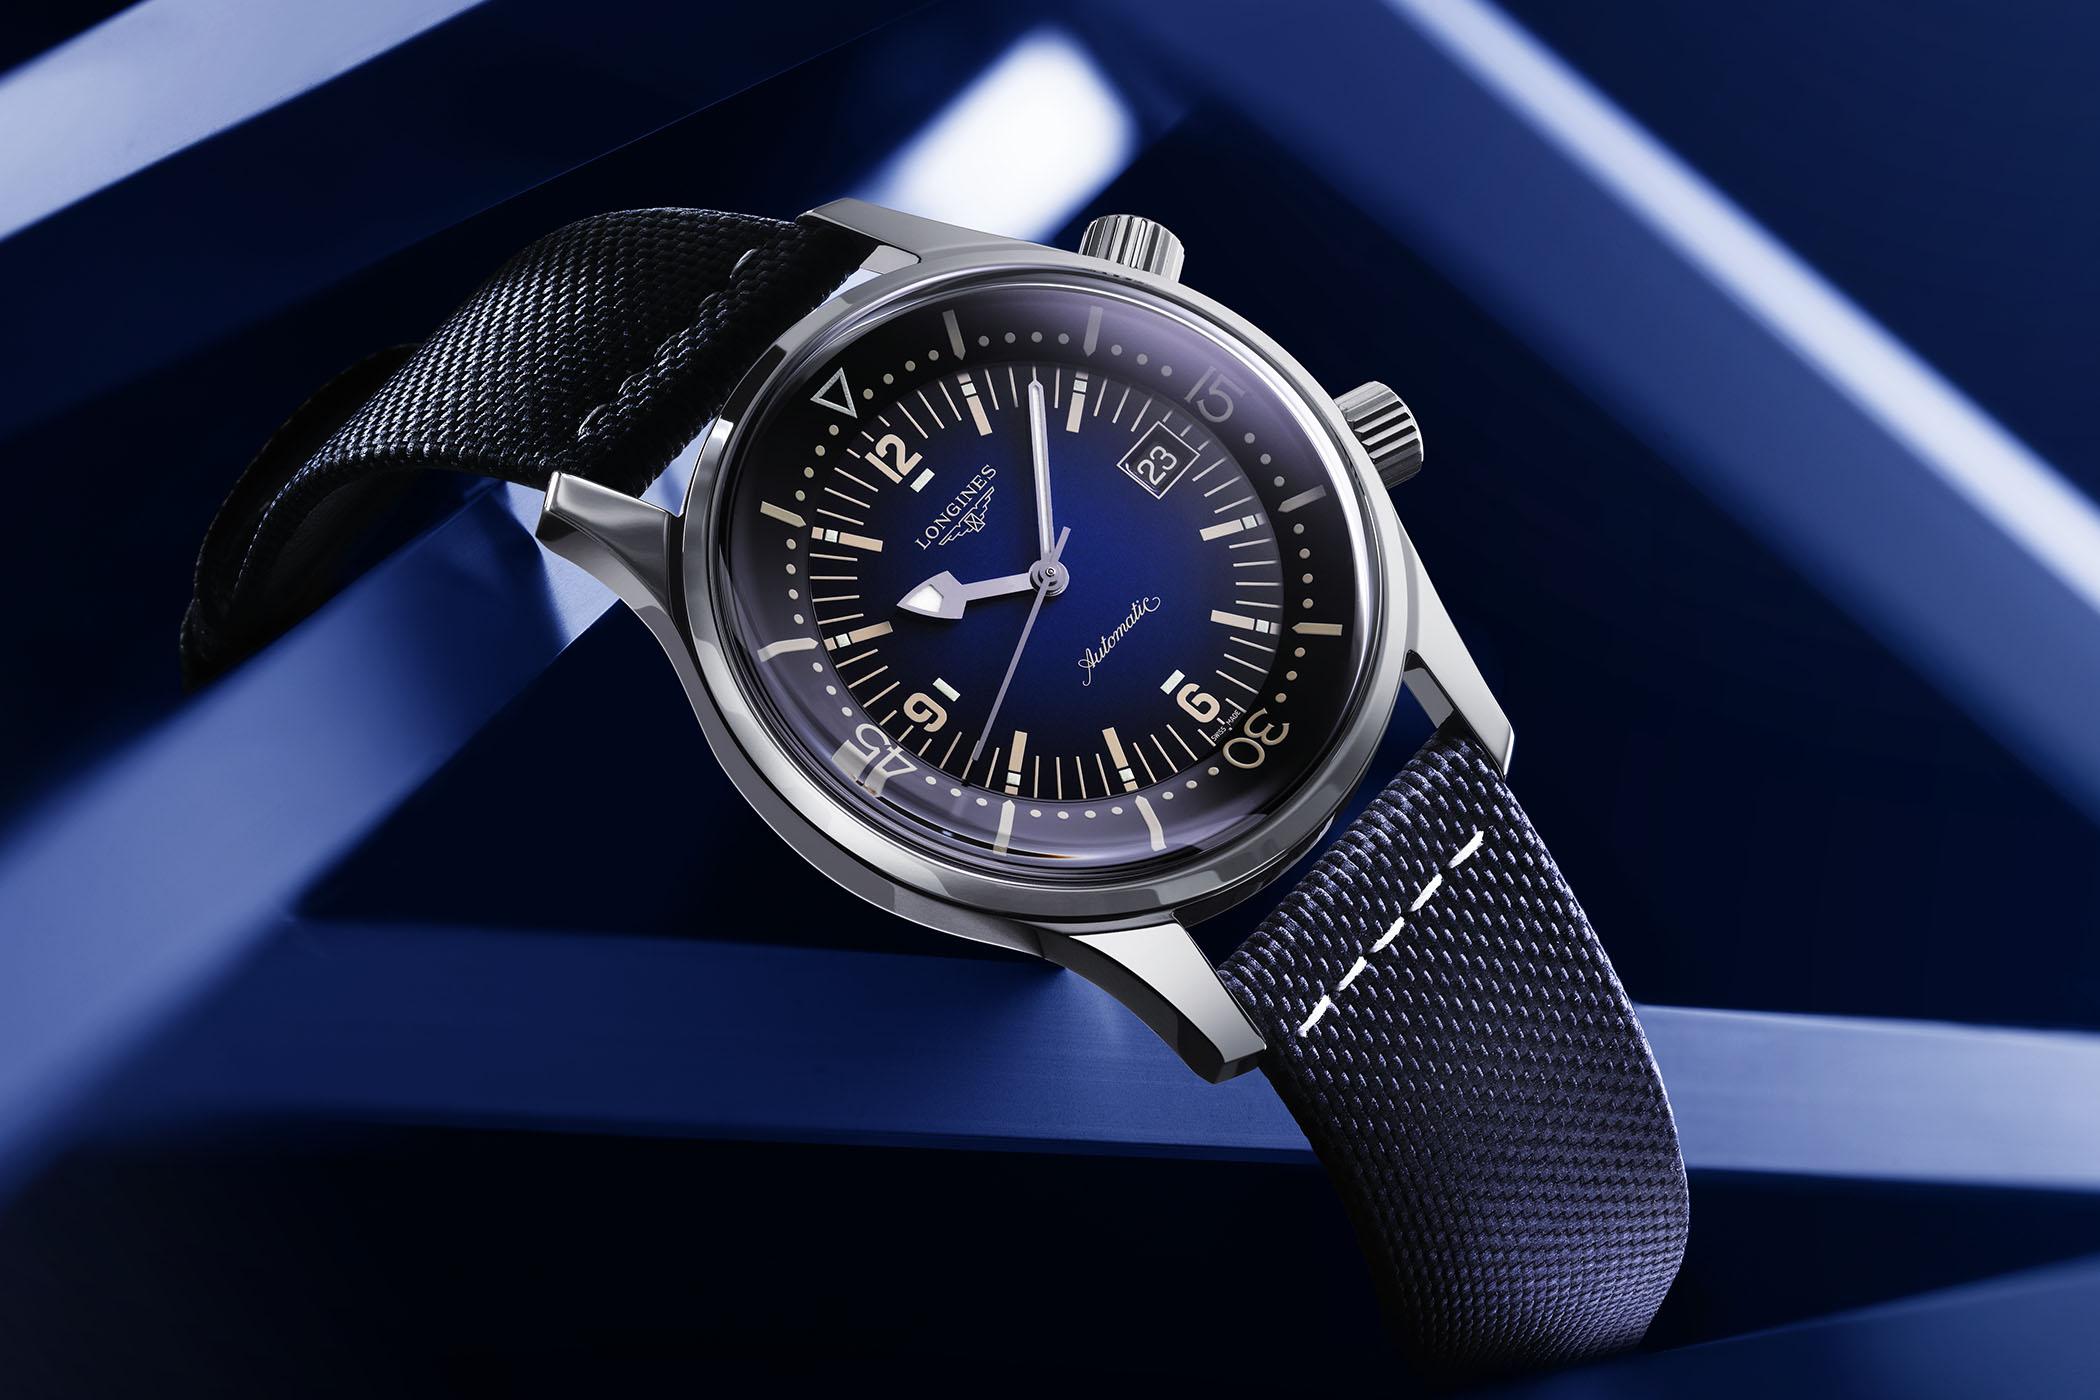 2021 Longines Legend Diver Date Gradient Blue Dial L3.774.4.90.2